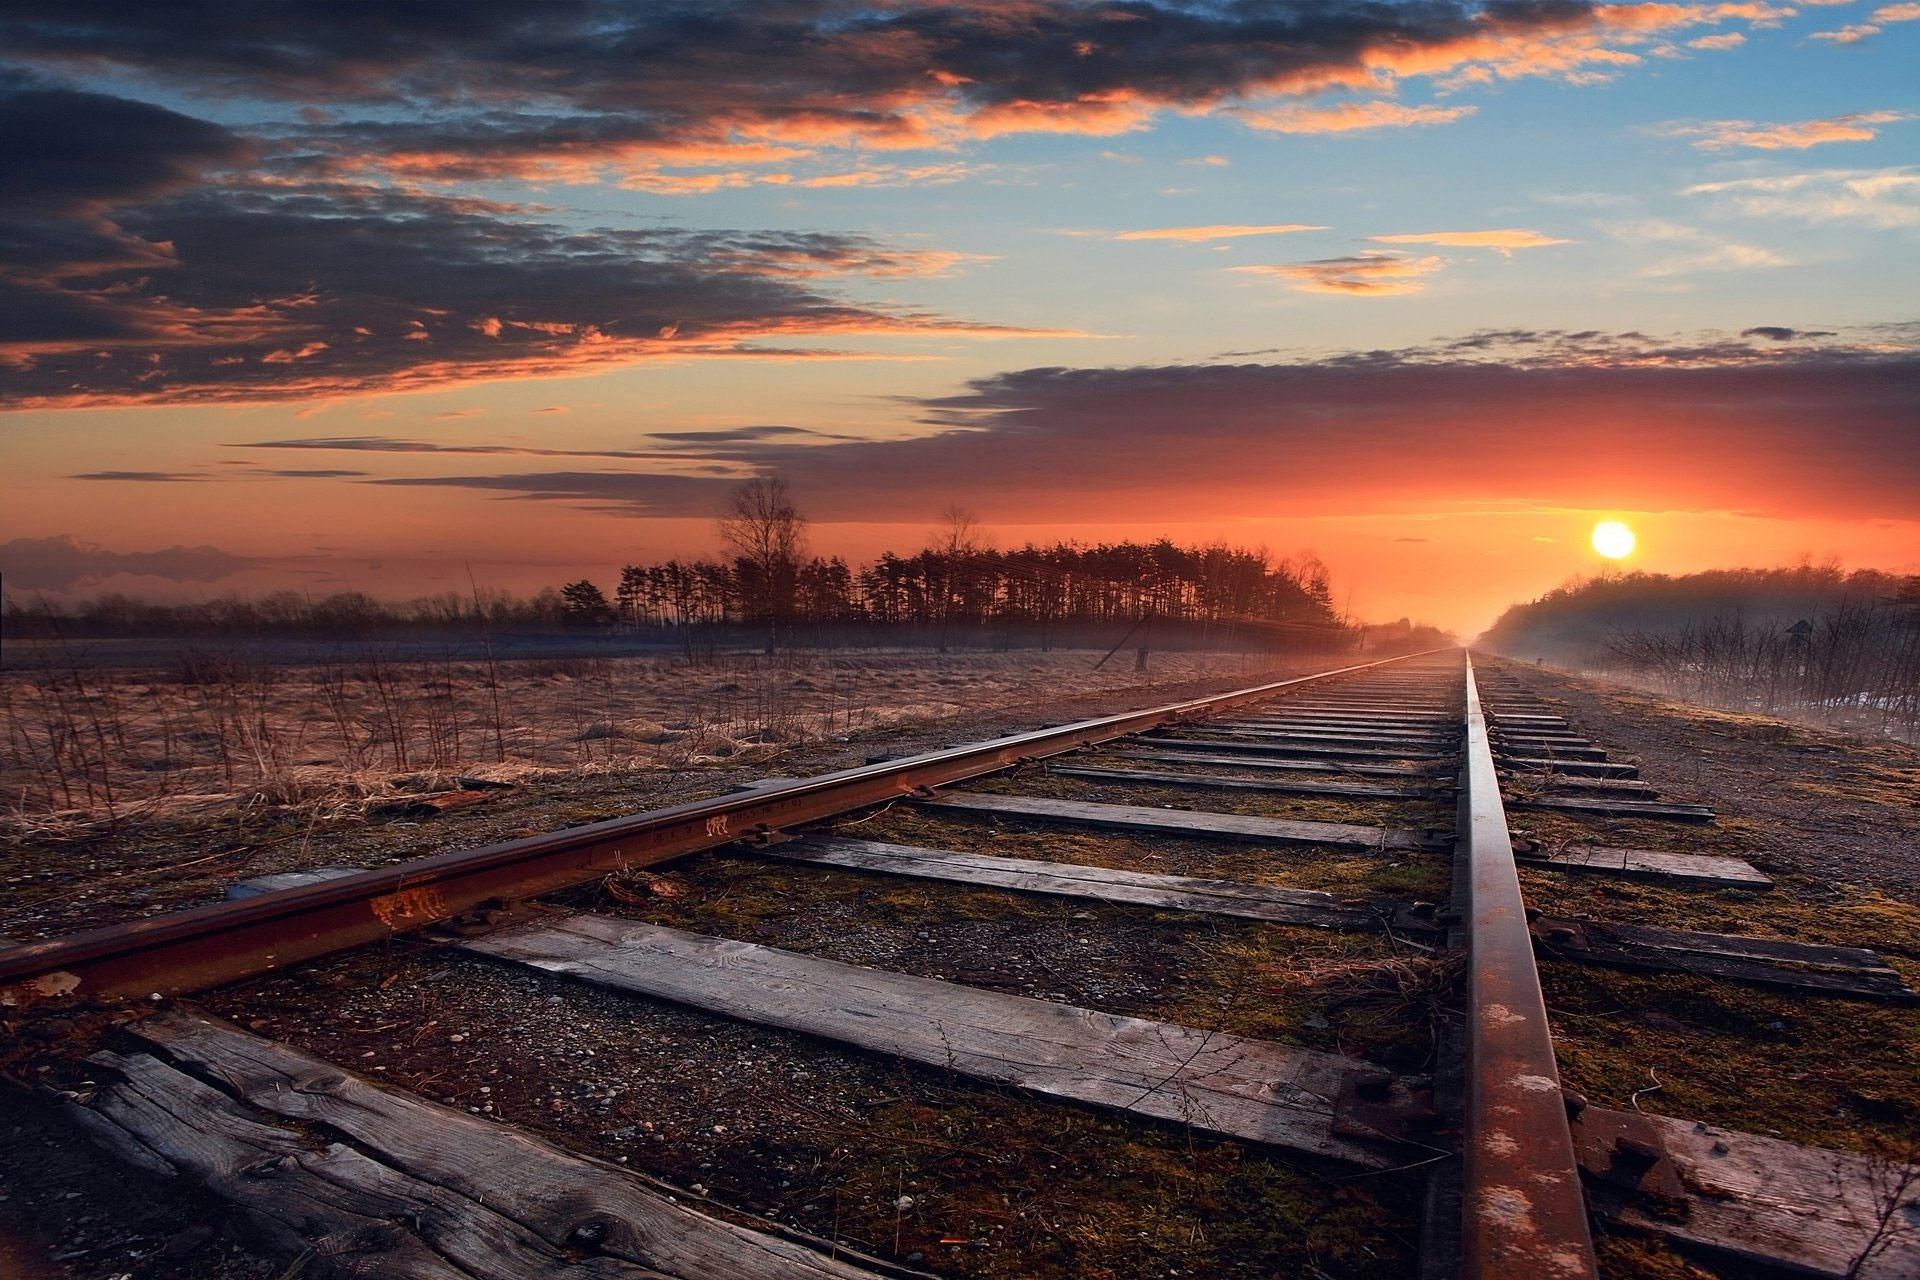 Papel de parede grátis hd estrada, por do sol, céu azul, paisagem. 395c085845